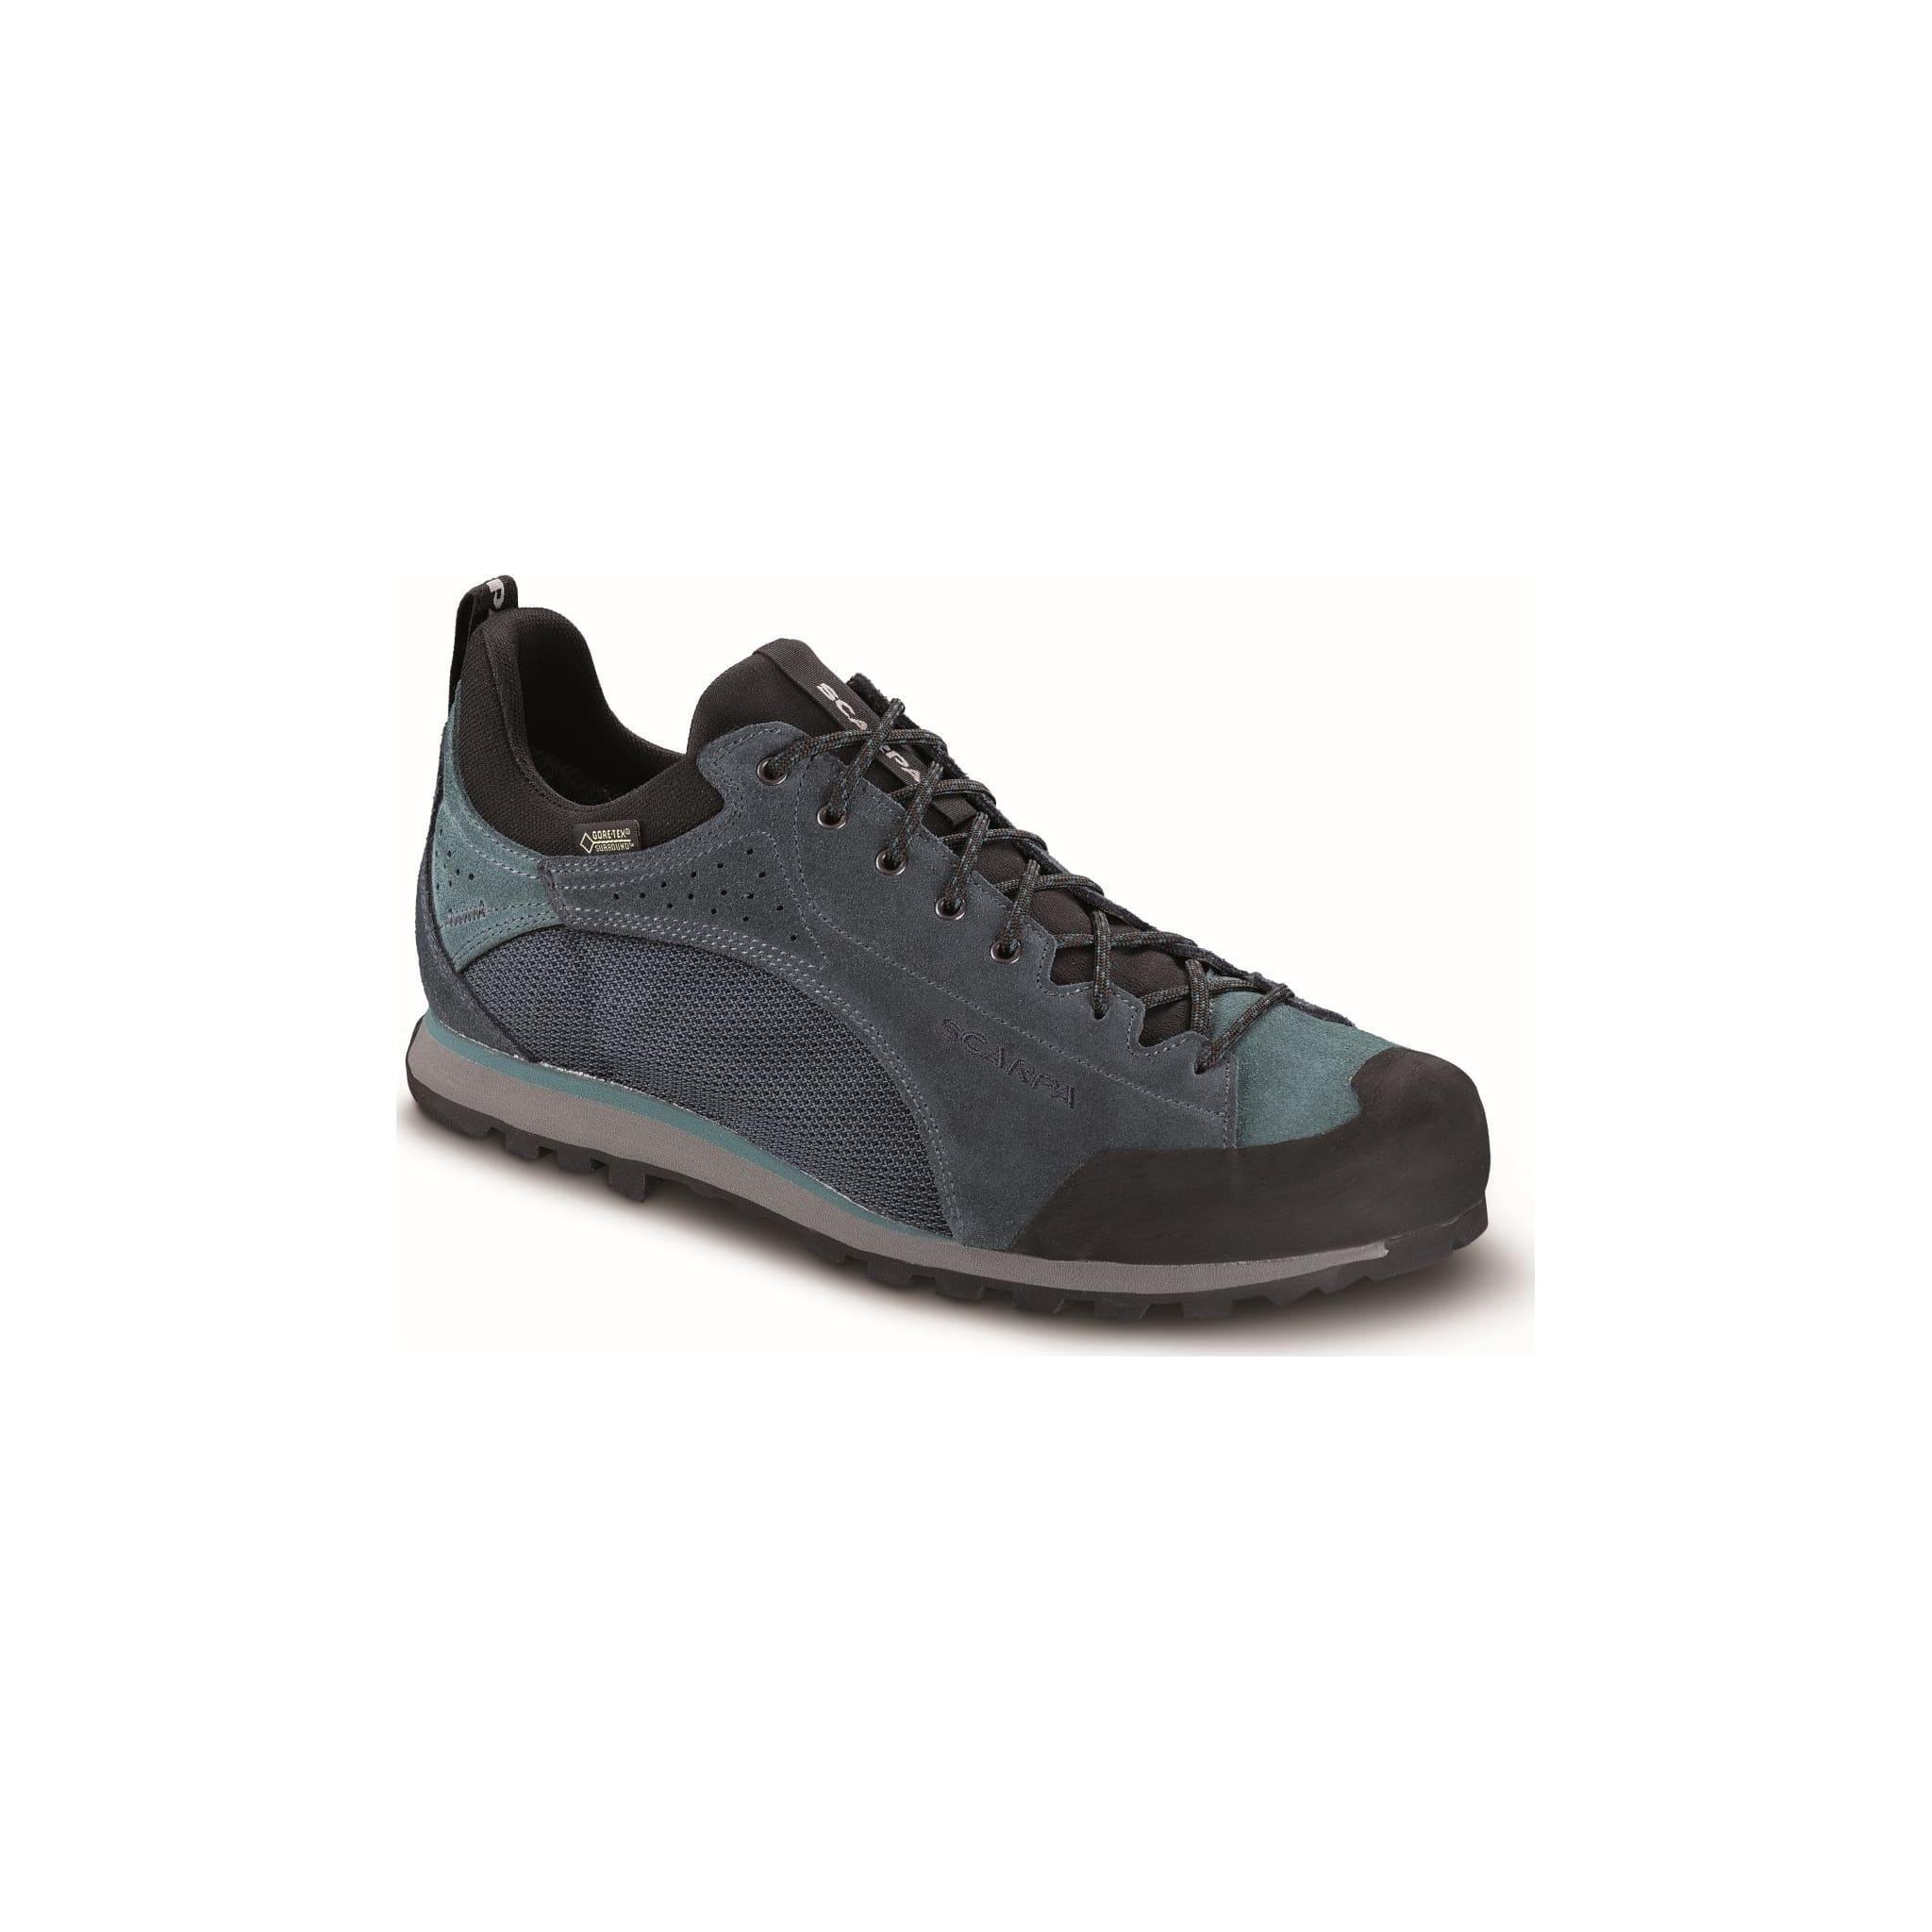 Svært anvendelig sko med ekstremt gode pusteegenskaper